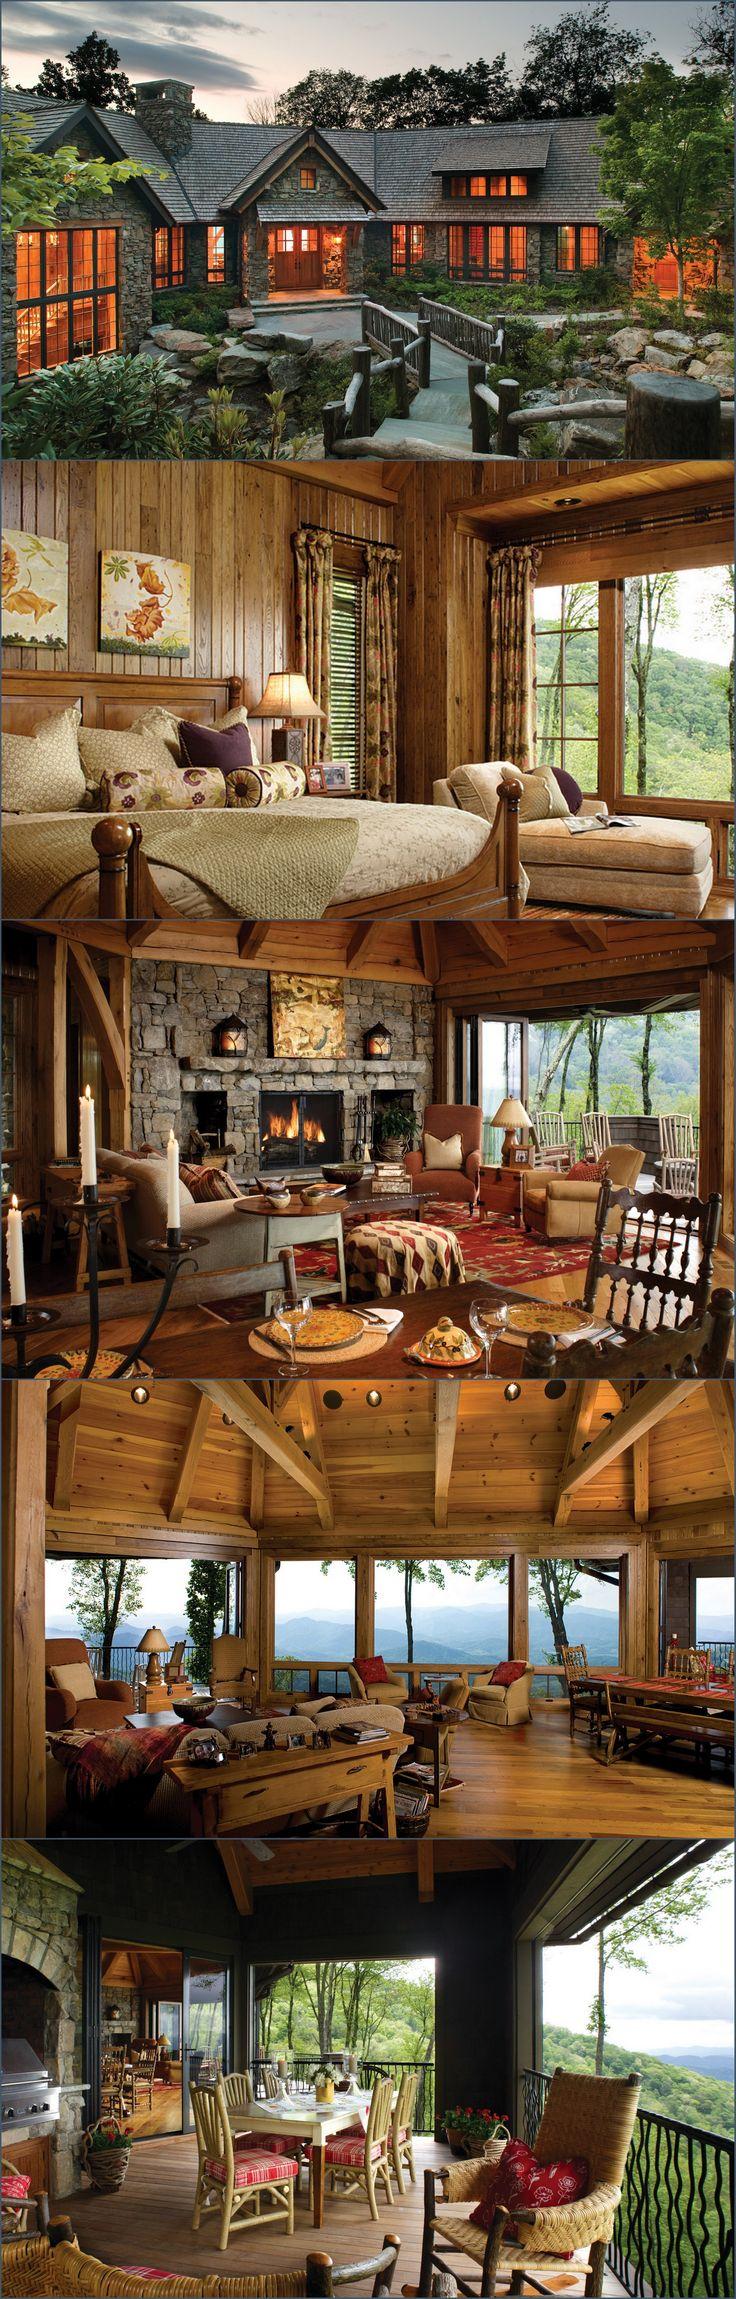 El lujo y la tranquilidad de una casa de recreación en medio de la naturaleza diseñada para ti